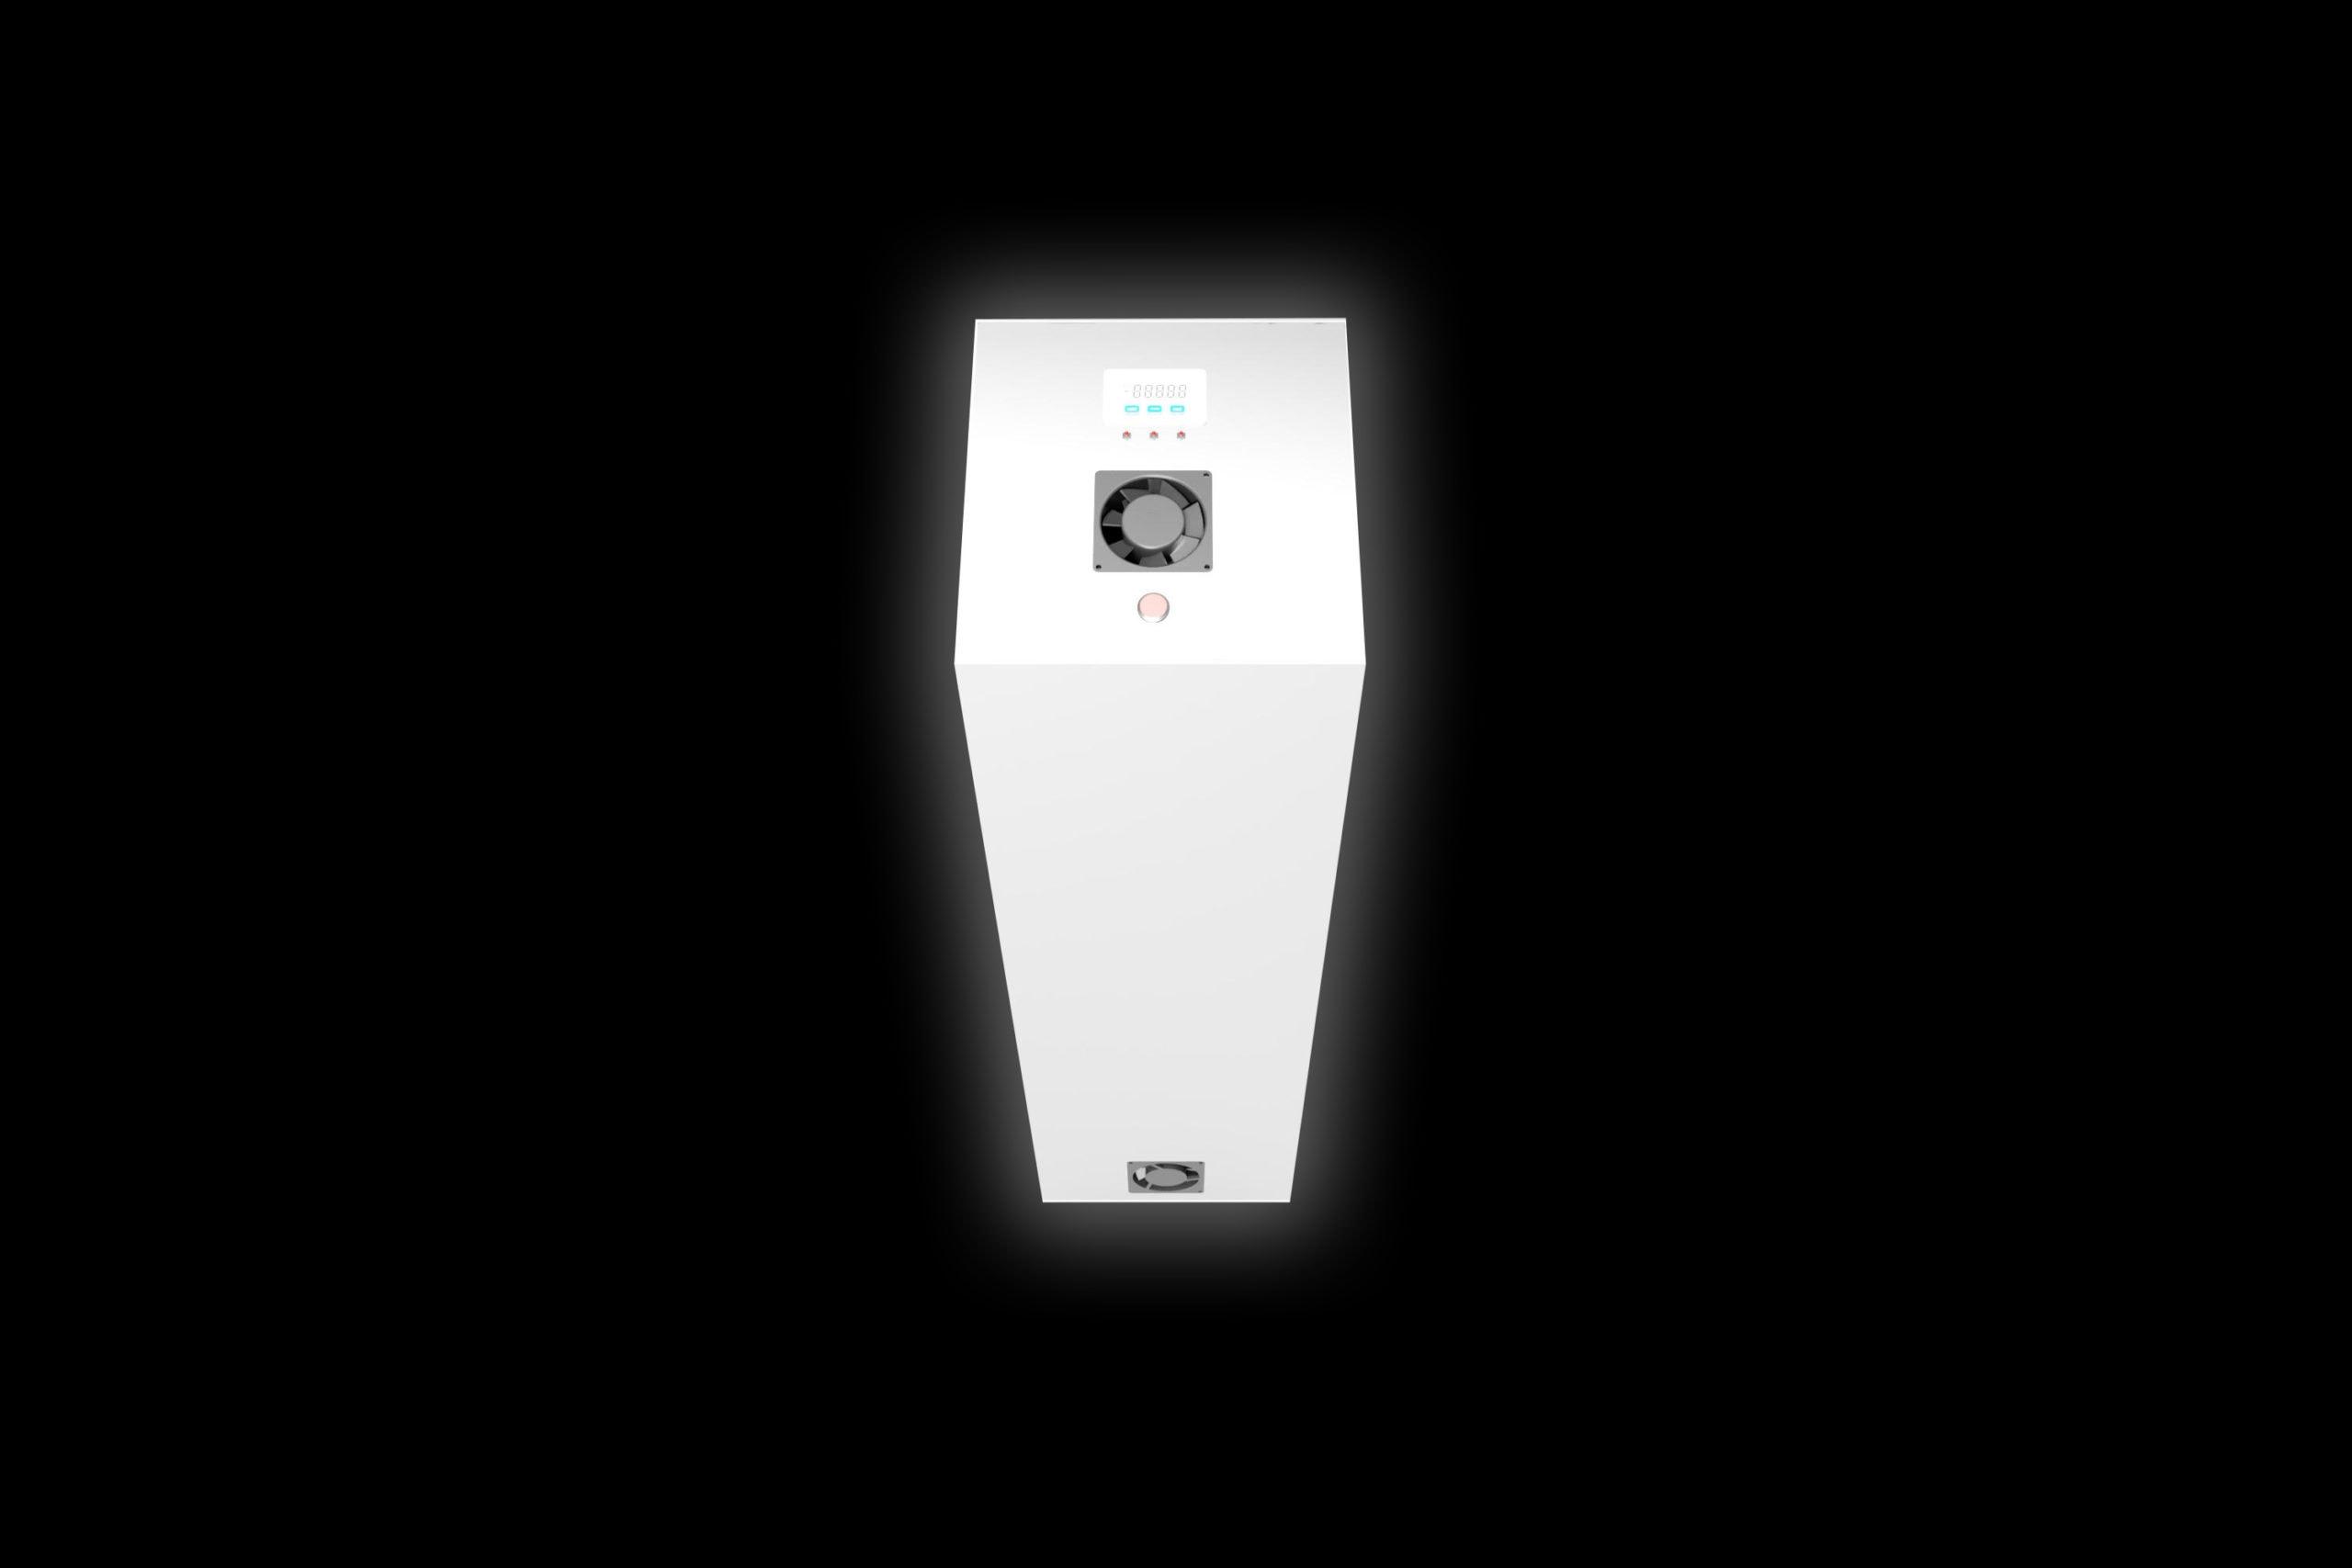 UVc Clean Air